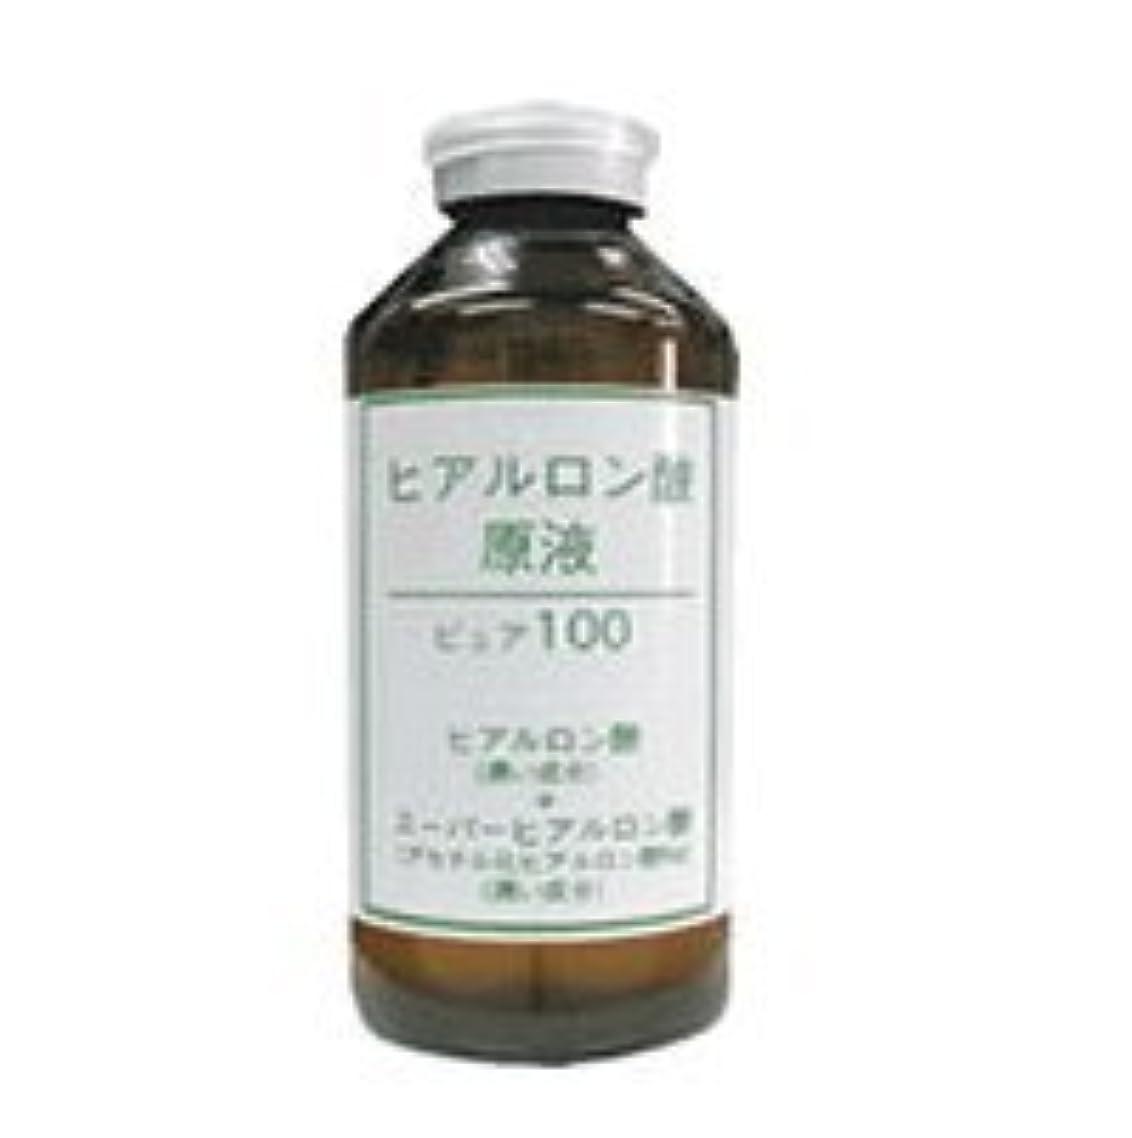 ヒアルロン酸原液 ピュアエッセンス 55ml  ヒアルロン酸+スーパーヒアルロン酸